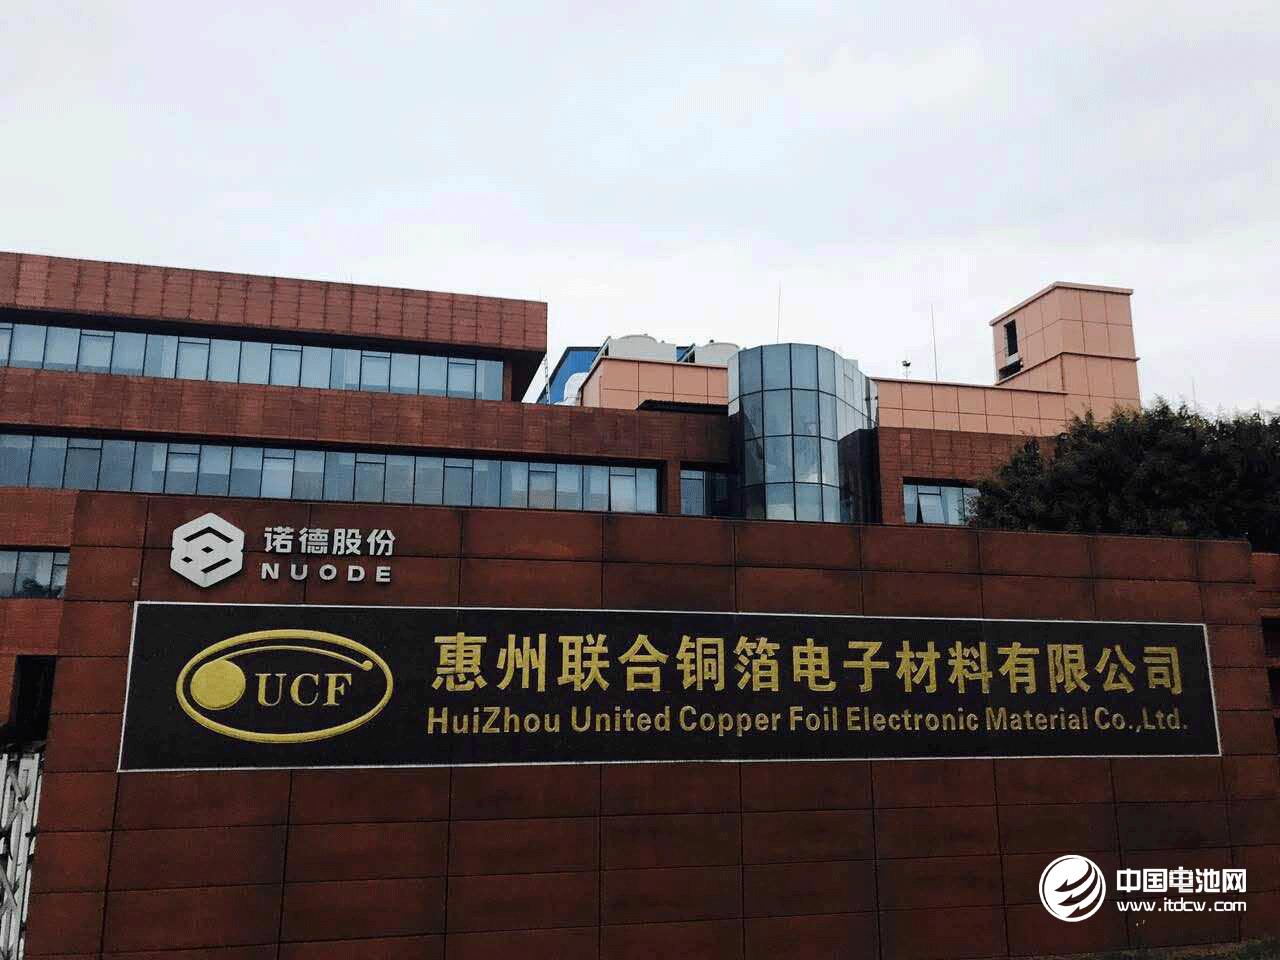 诺德股份董事长王为钢增持 看好公司未来发展